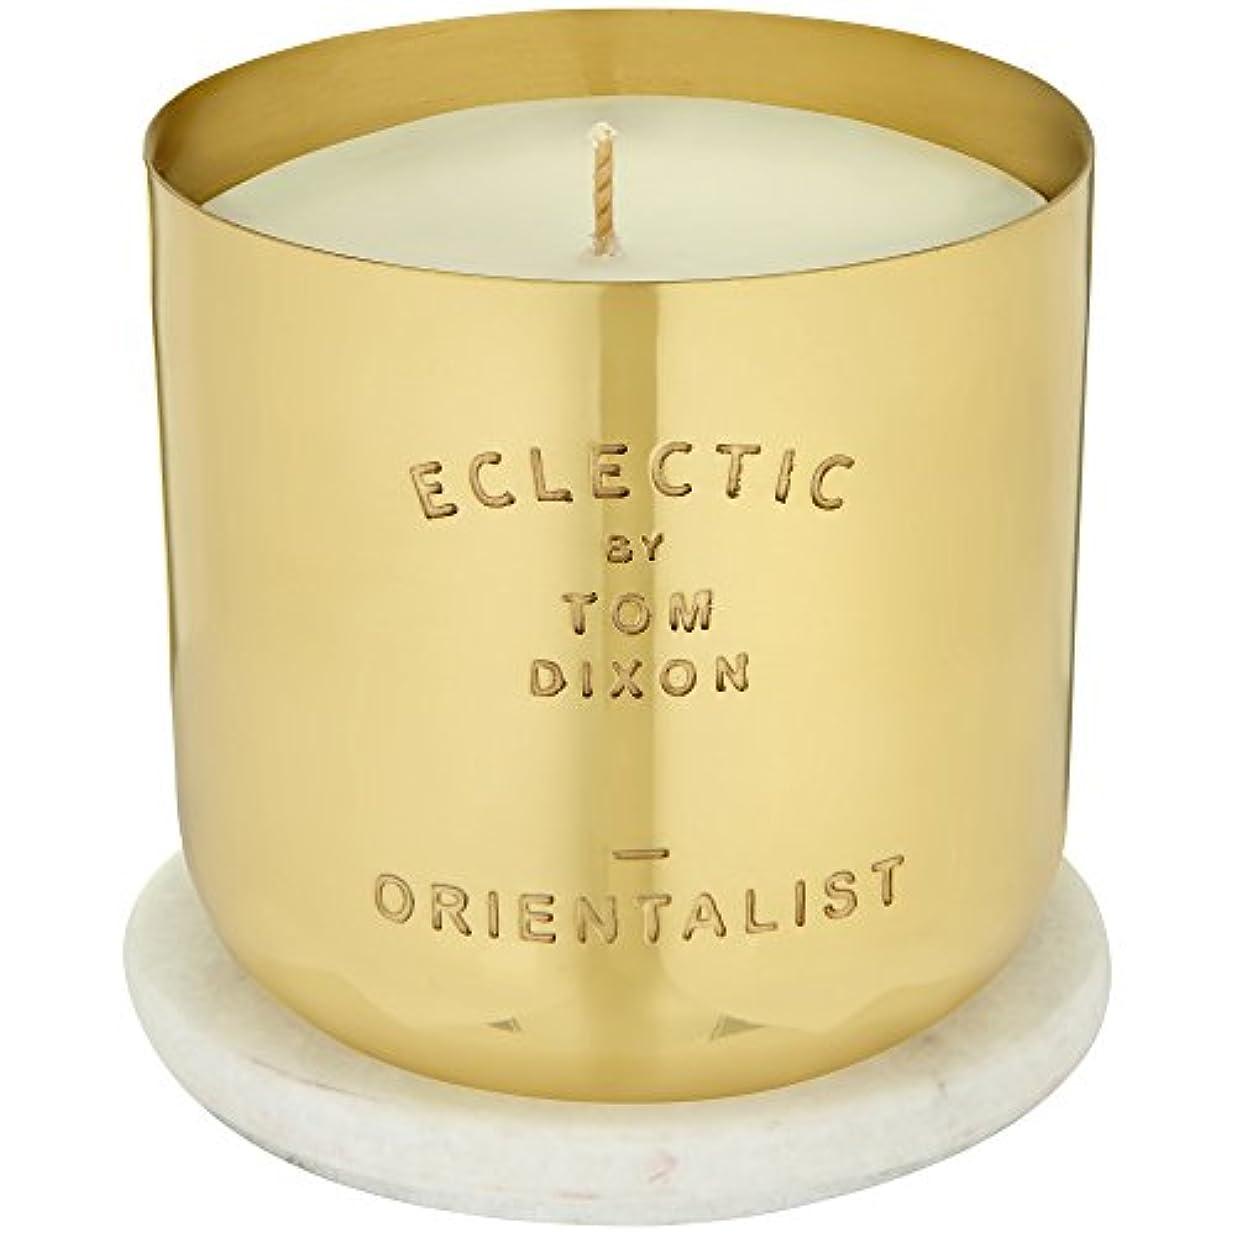 フォーラムチョコレート志すTom Dixon Orientalist Scented Candle - トム?ディクソン東洋香りのキャンドル [並行輸入品]